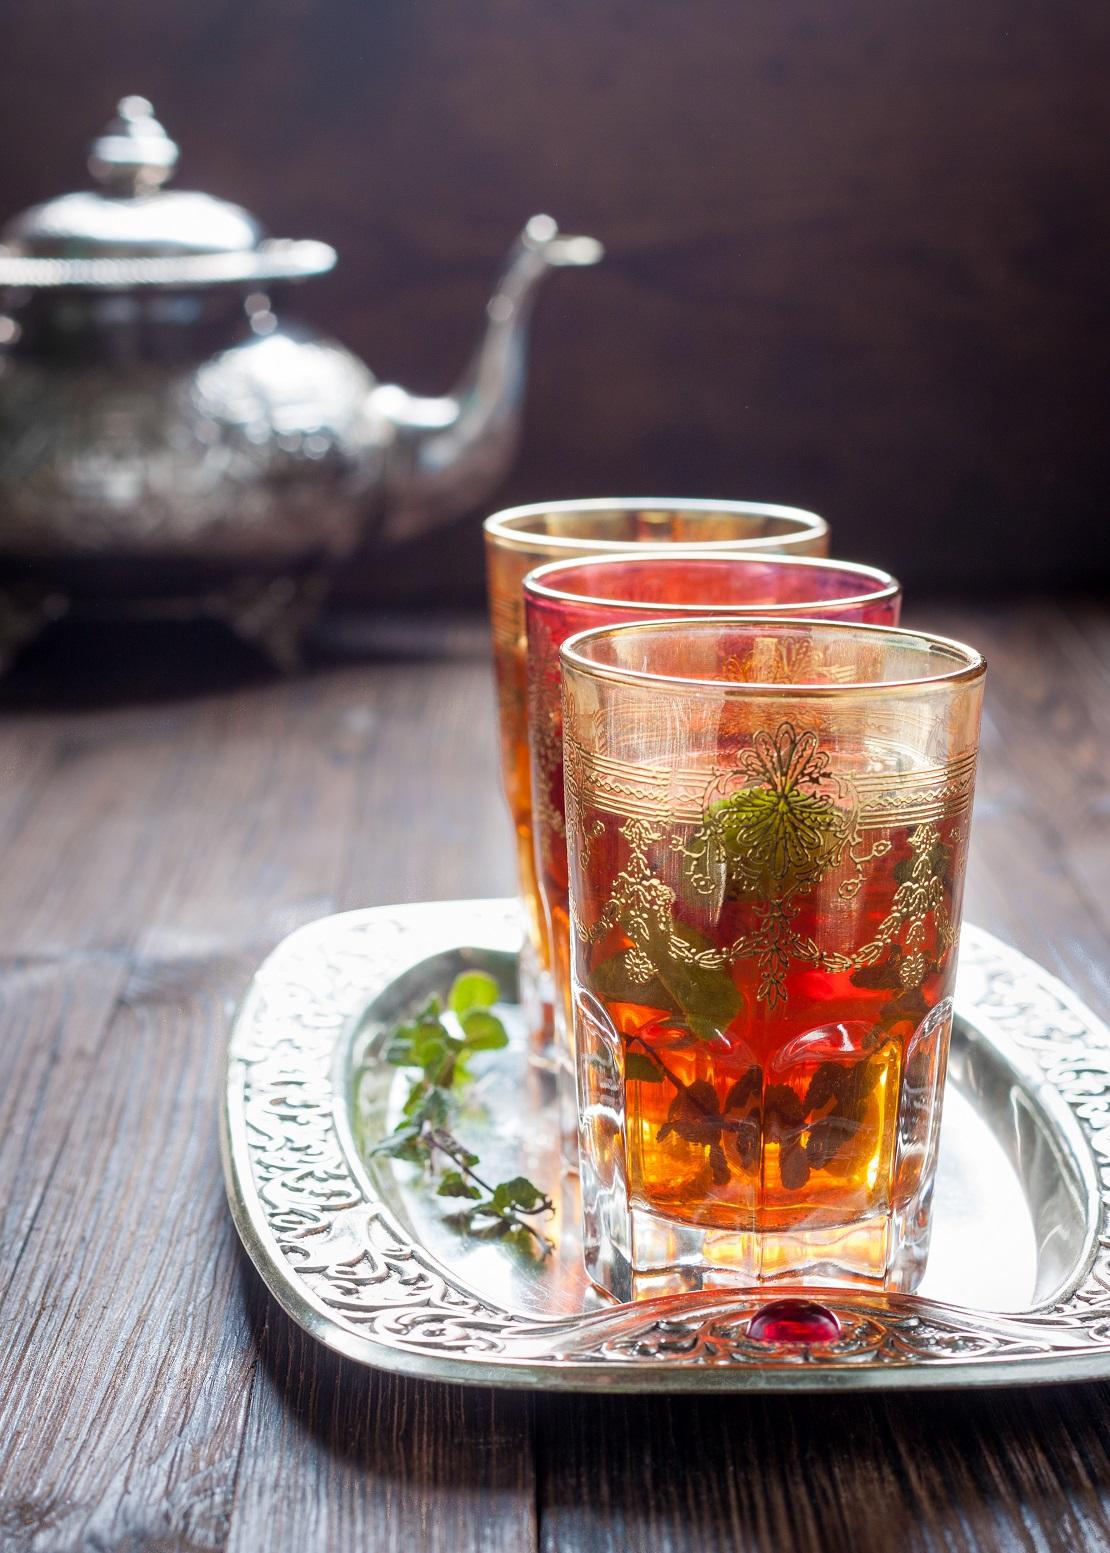 westwing-herbata-w-marokanskim-stylu-3